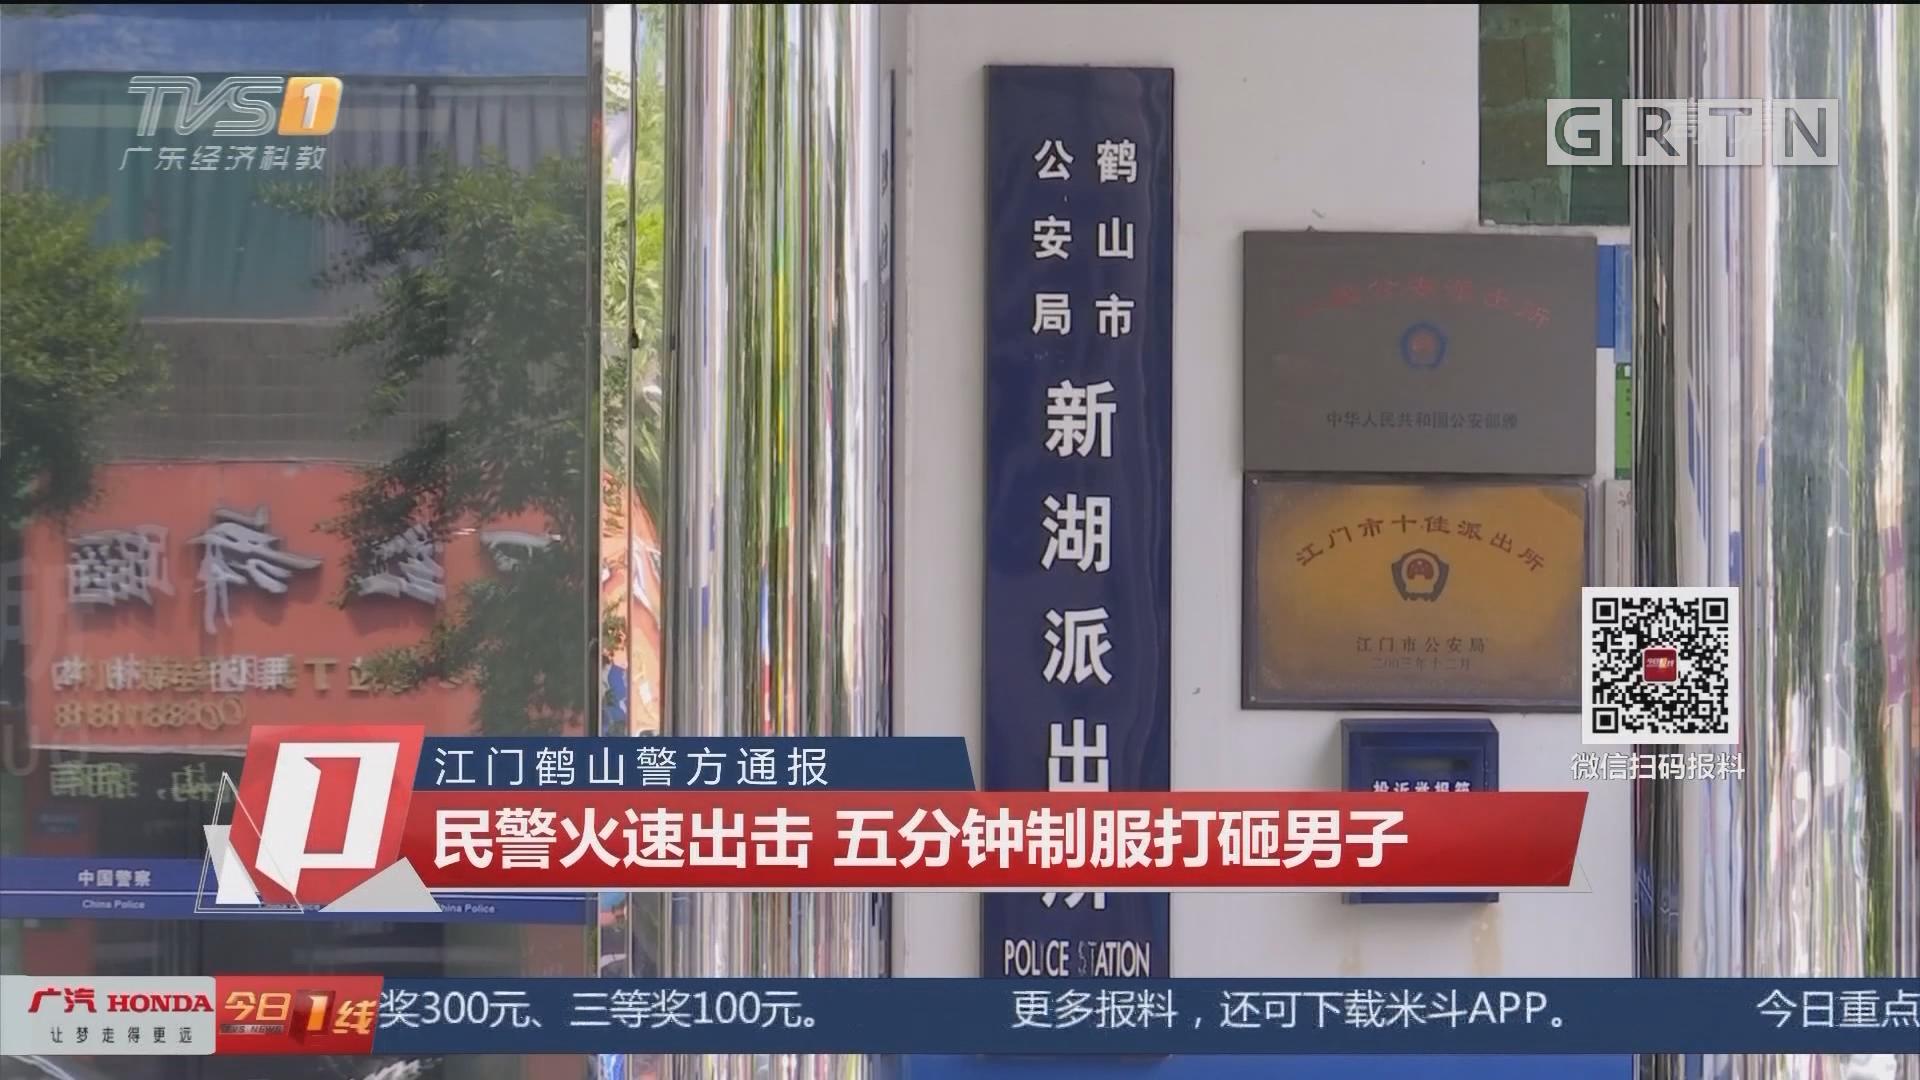 江门鹤山警方通报:民警火速出击 五分钟制服打砸男子